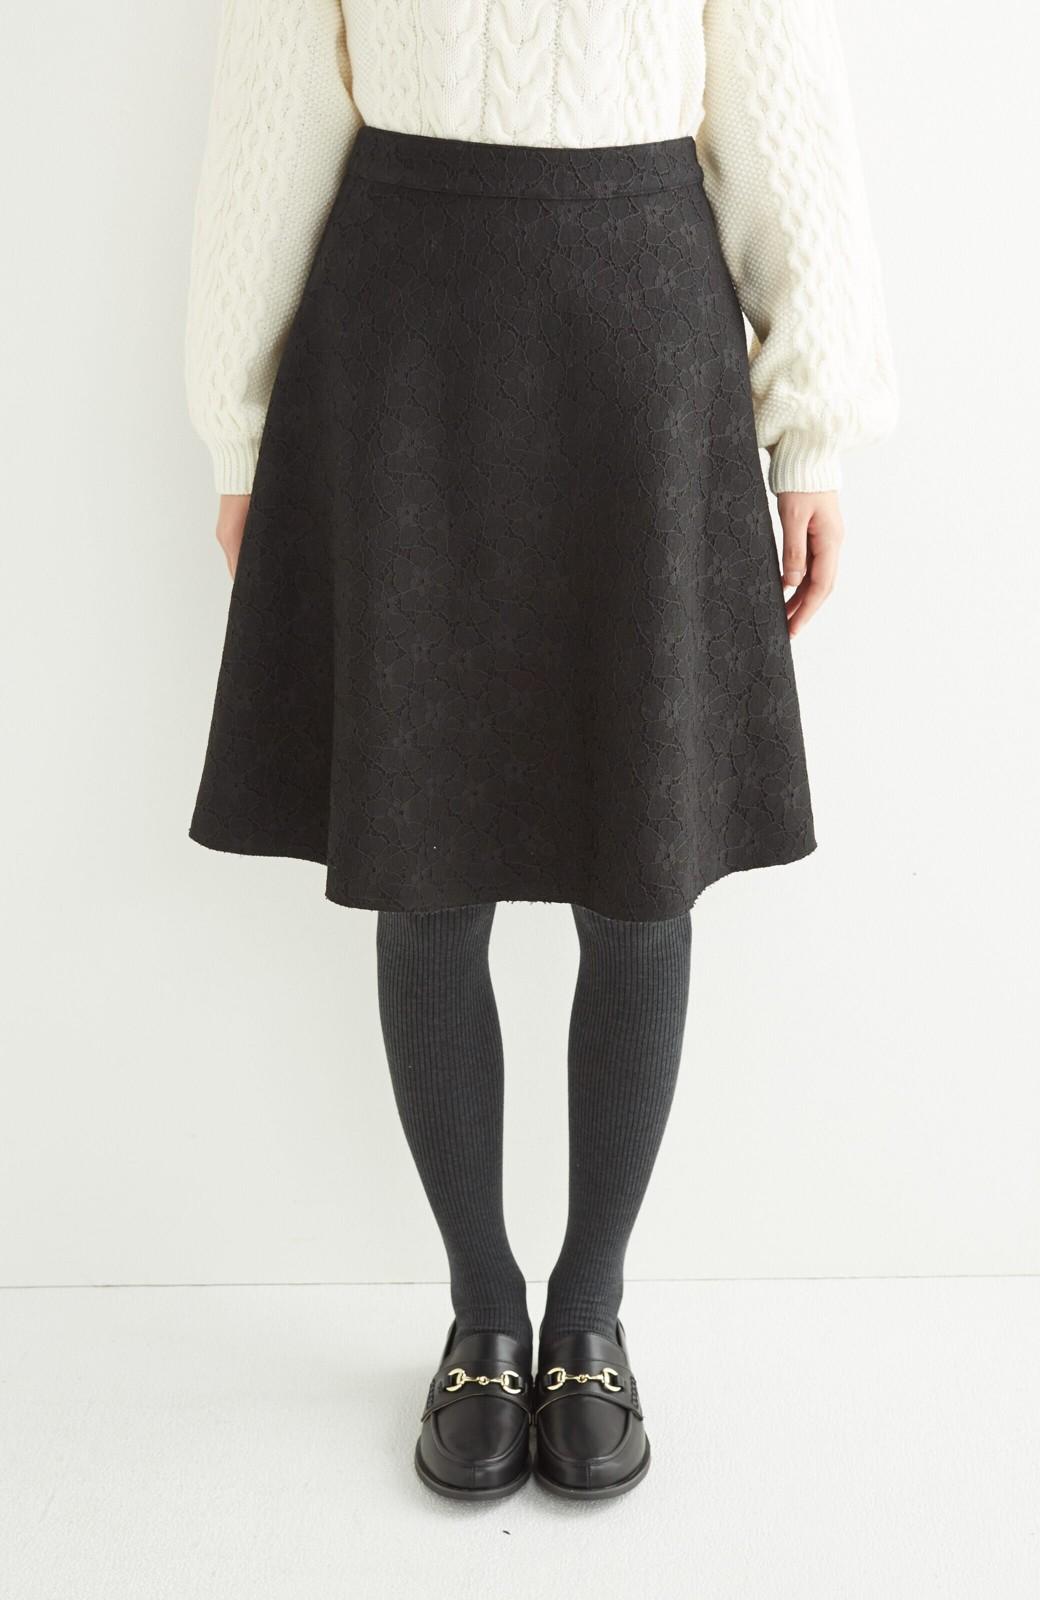 エムトロワ 定番ブラックと華やかレースのリバーシブルフレアースカート <ブラック>の商品写真8